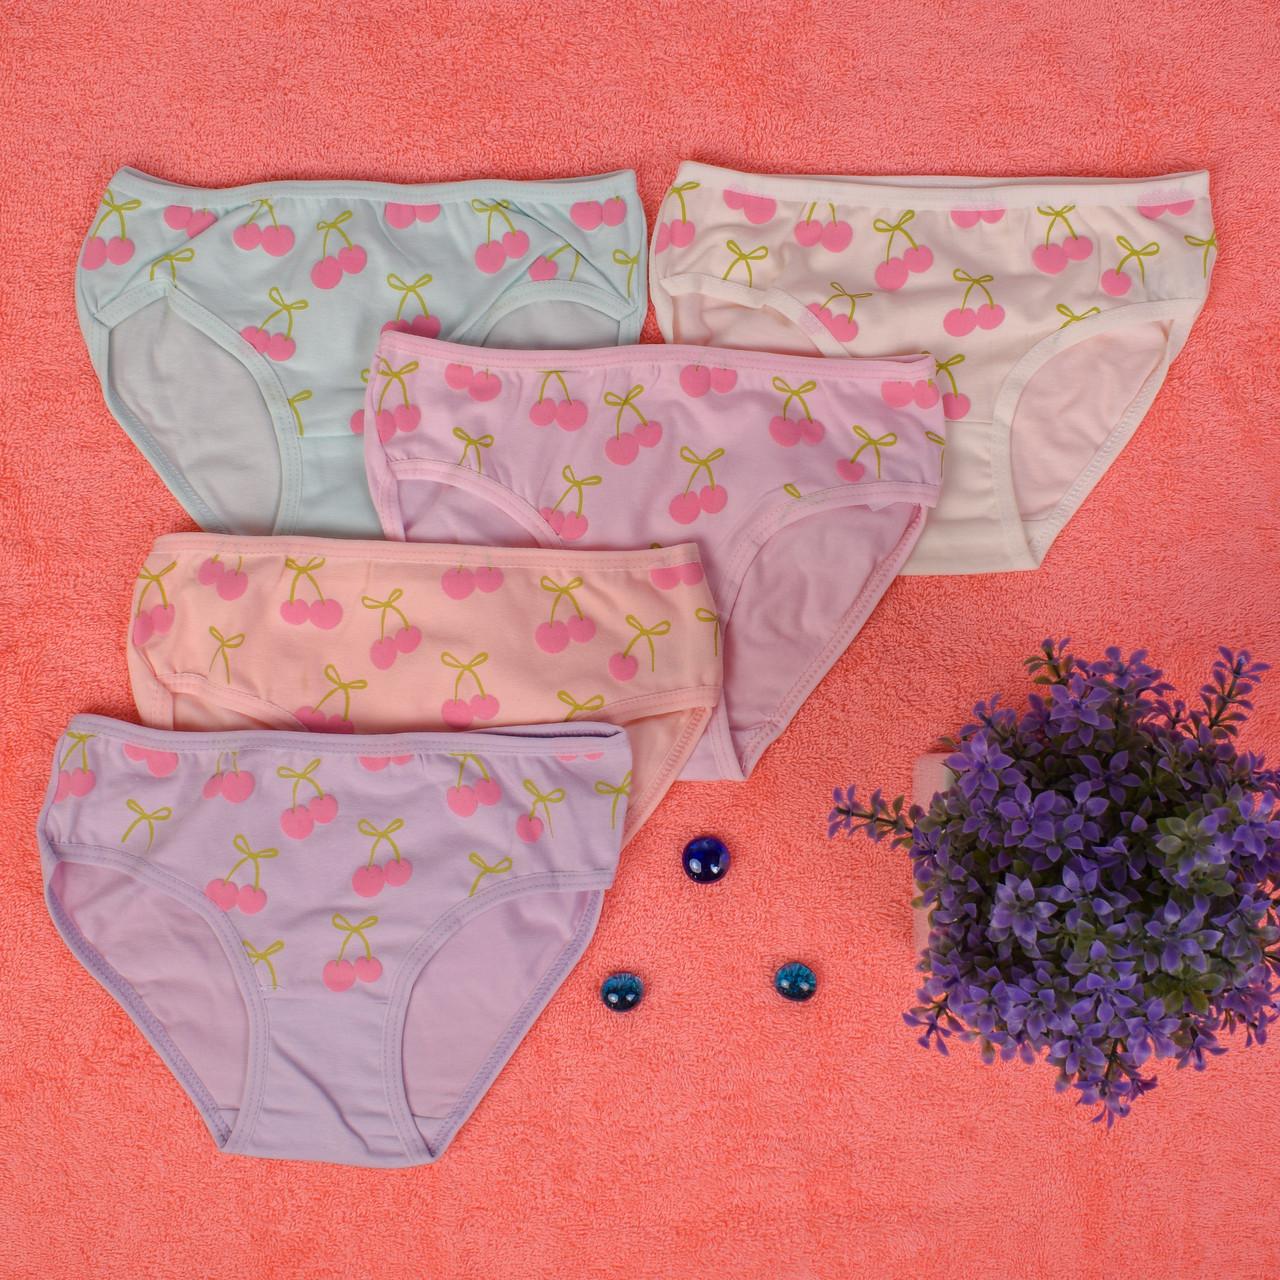 Детские трусики для девочки Турция. Donella 4171WVK. Размер на 2-3 год